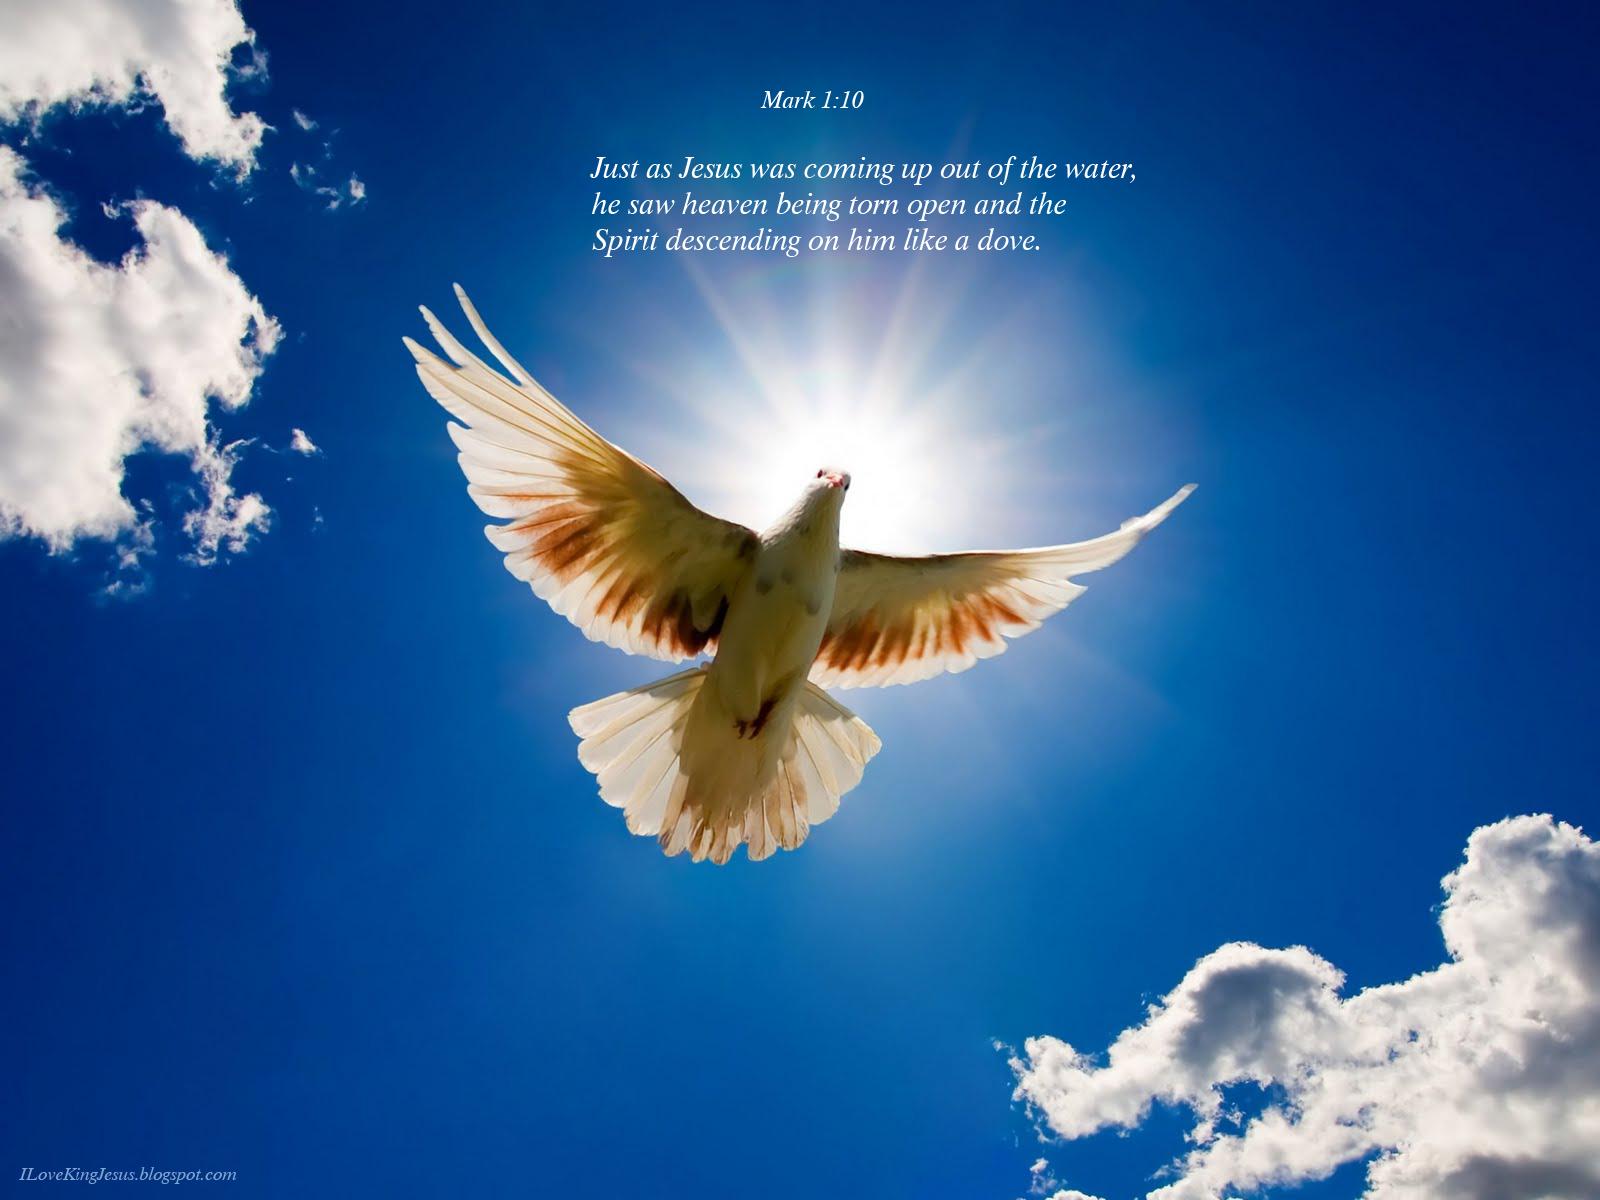 http://1.bp.blogspot.com/-N8RmnClujSs/UApQpqjXVxI/AAAAAAAACu8/qTfM0MGtE98/s1600/HD+Christian+Wallpaper.jpg